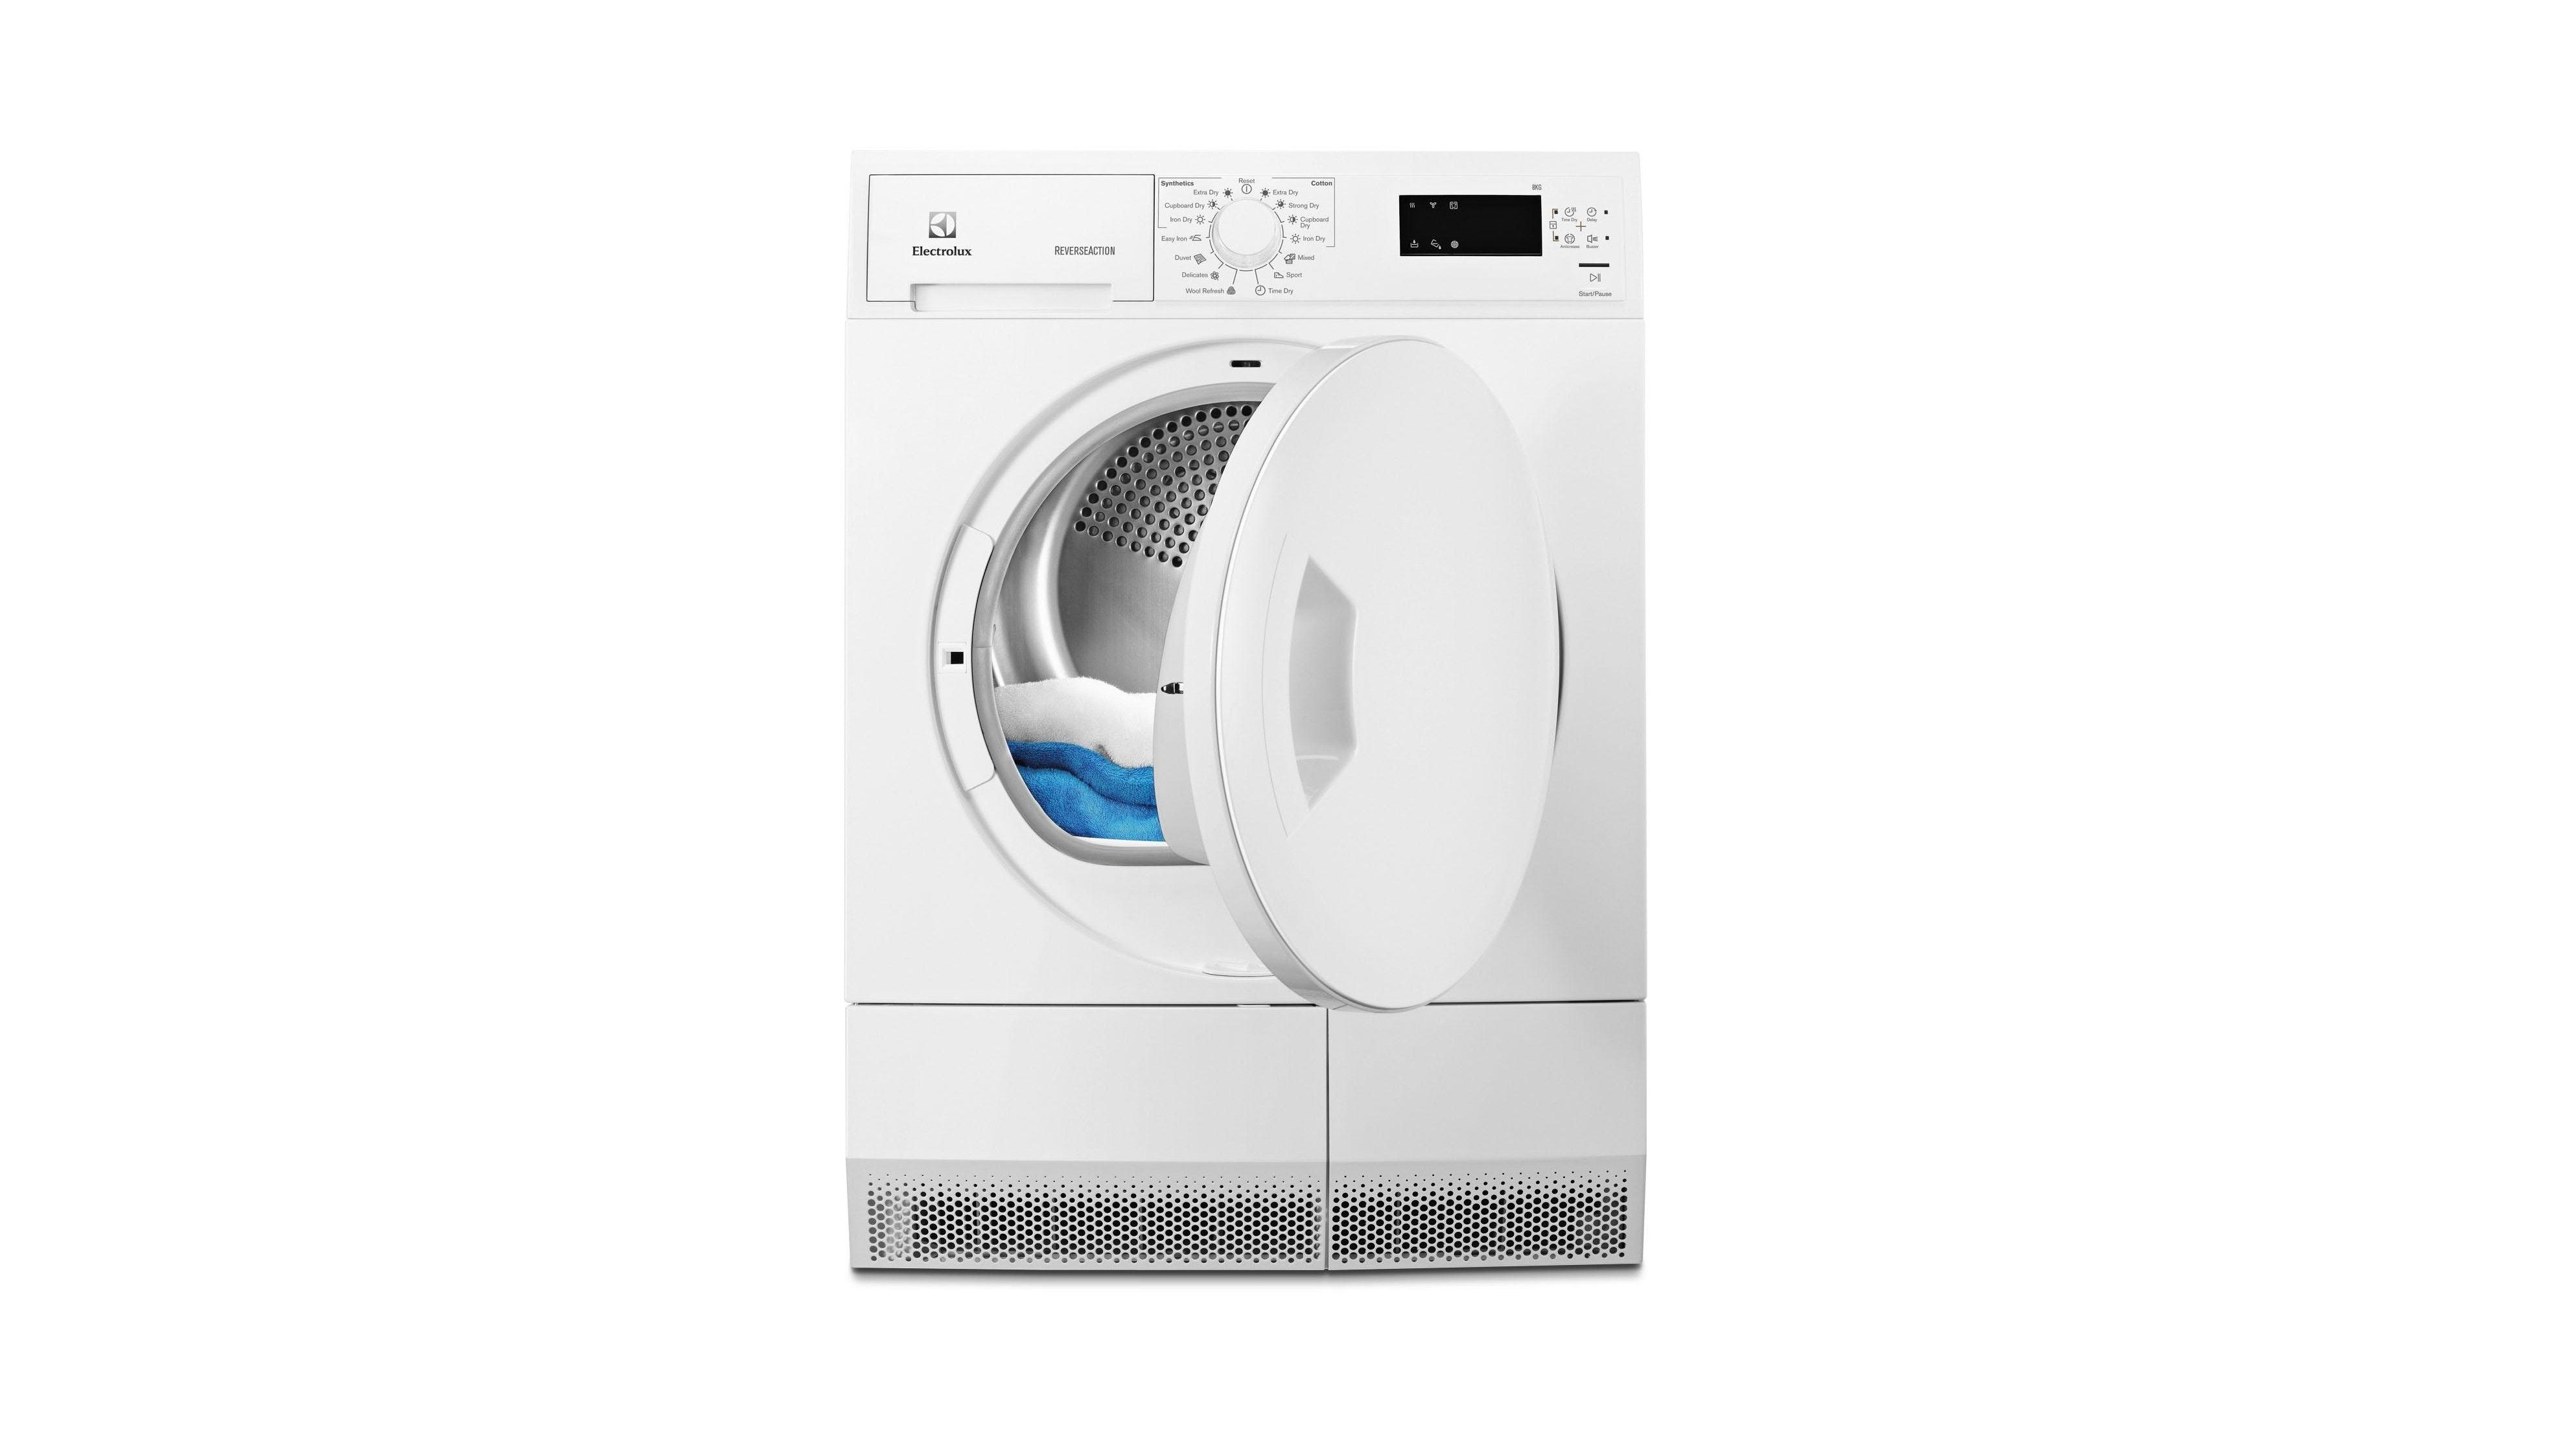 Washing Machine Washer Dryer Machine Clothes Dryer